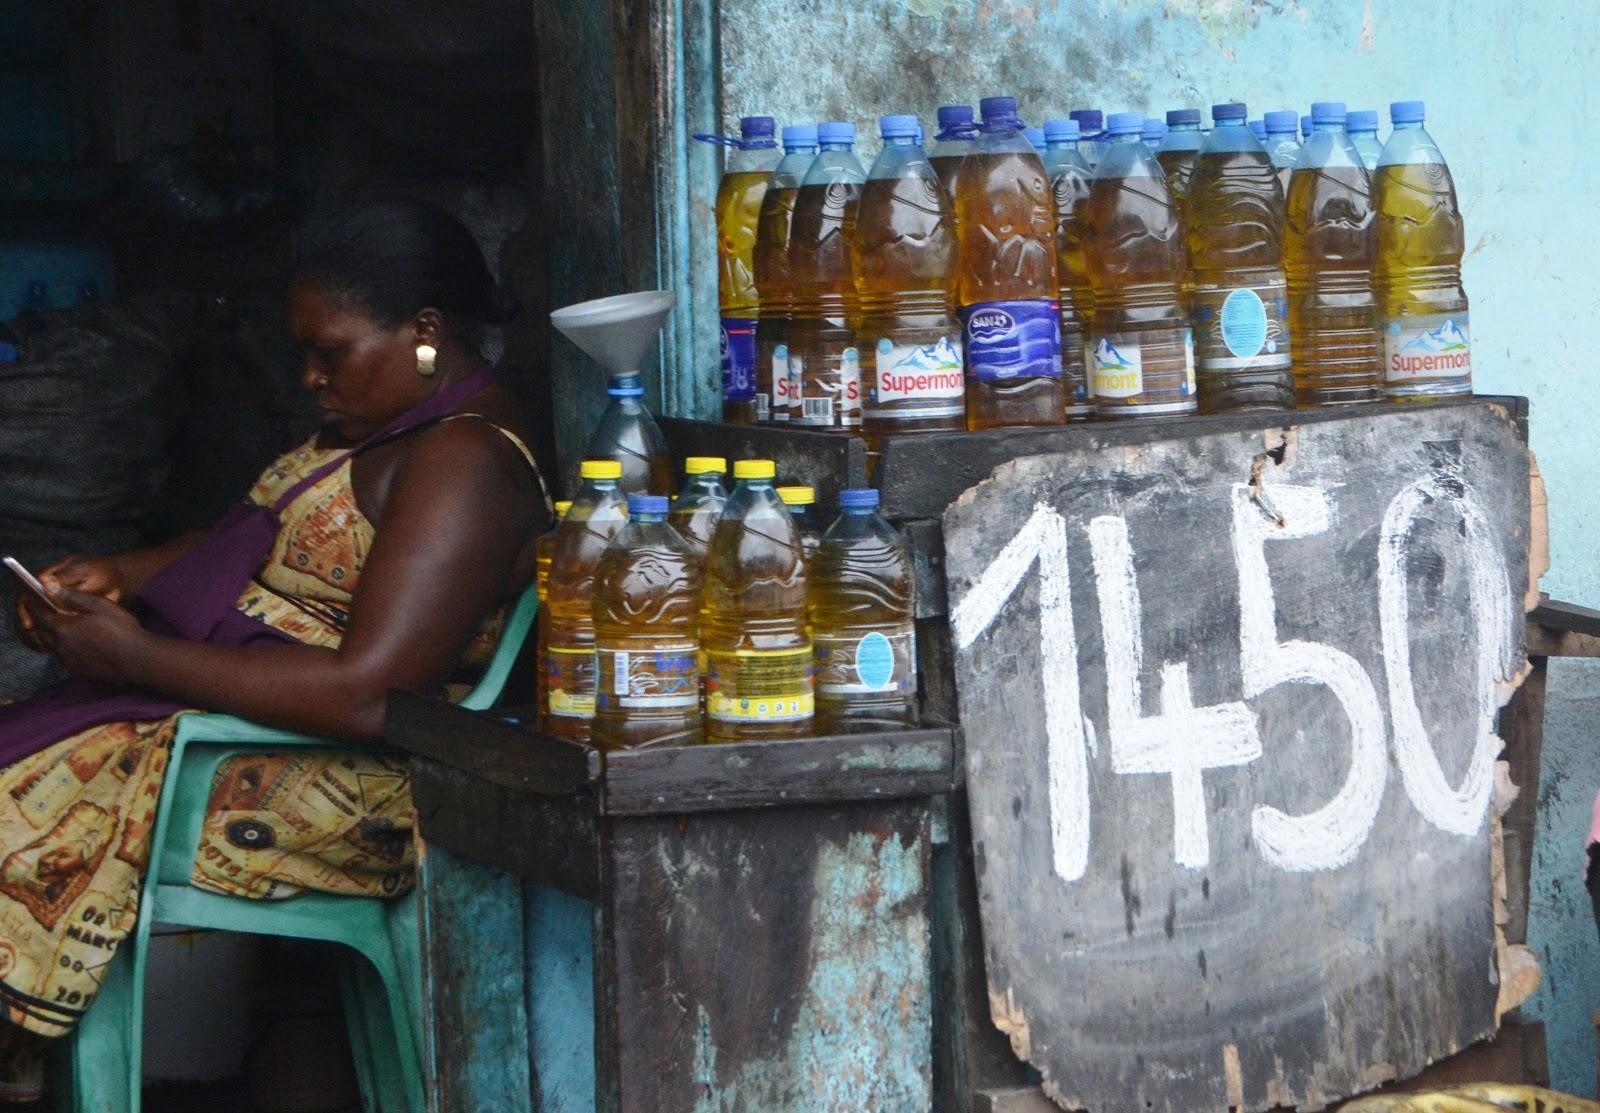 精製されたパーム油を売っている女性